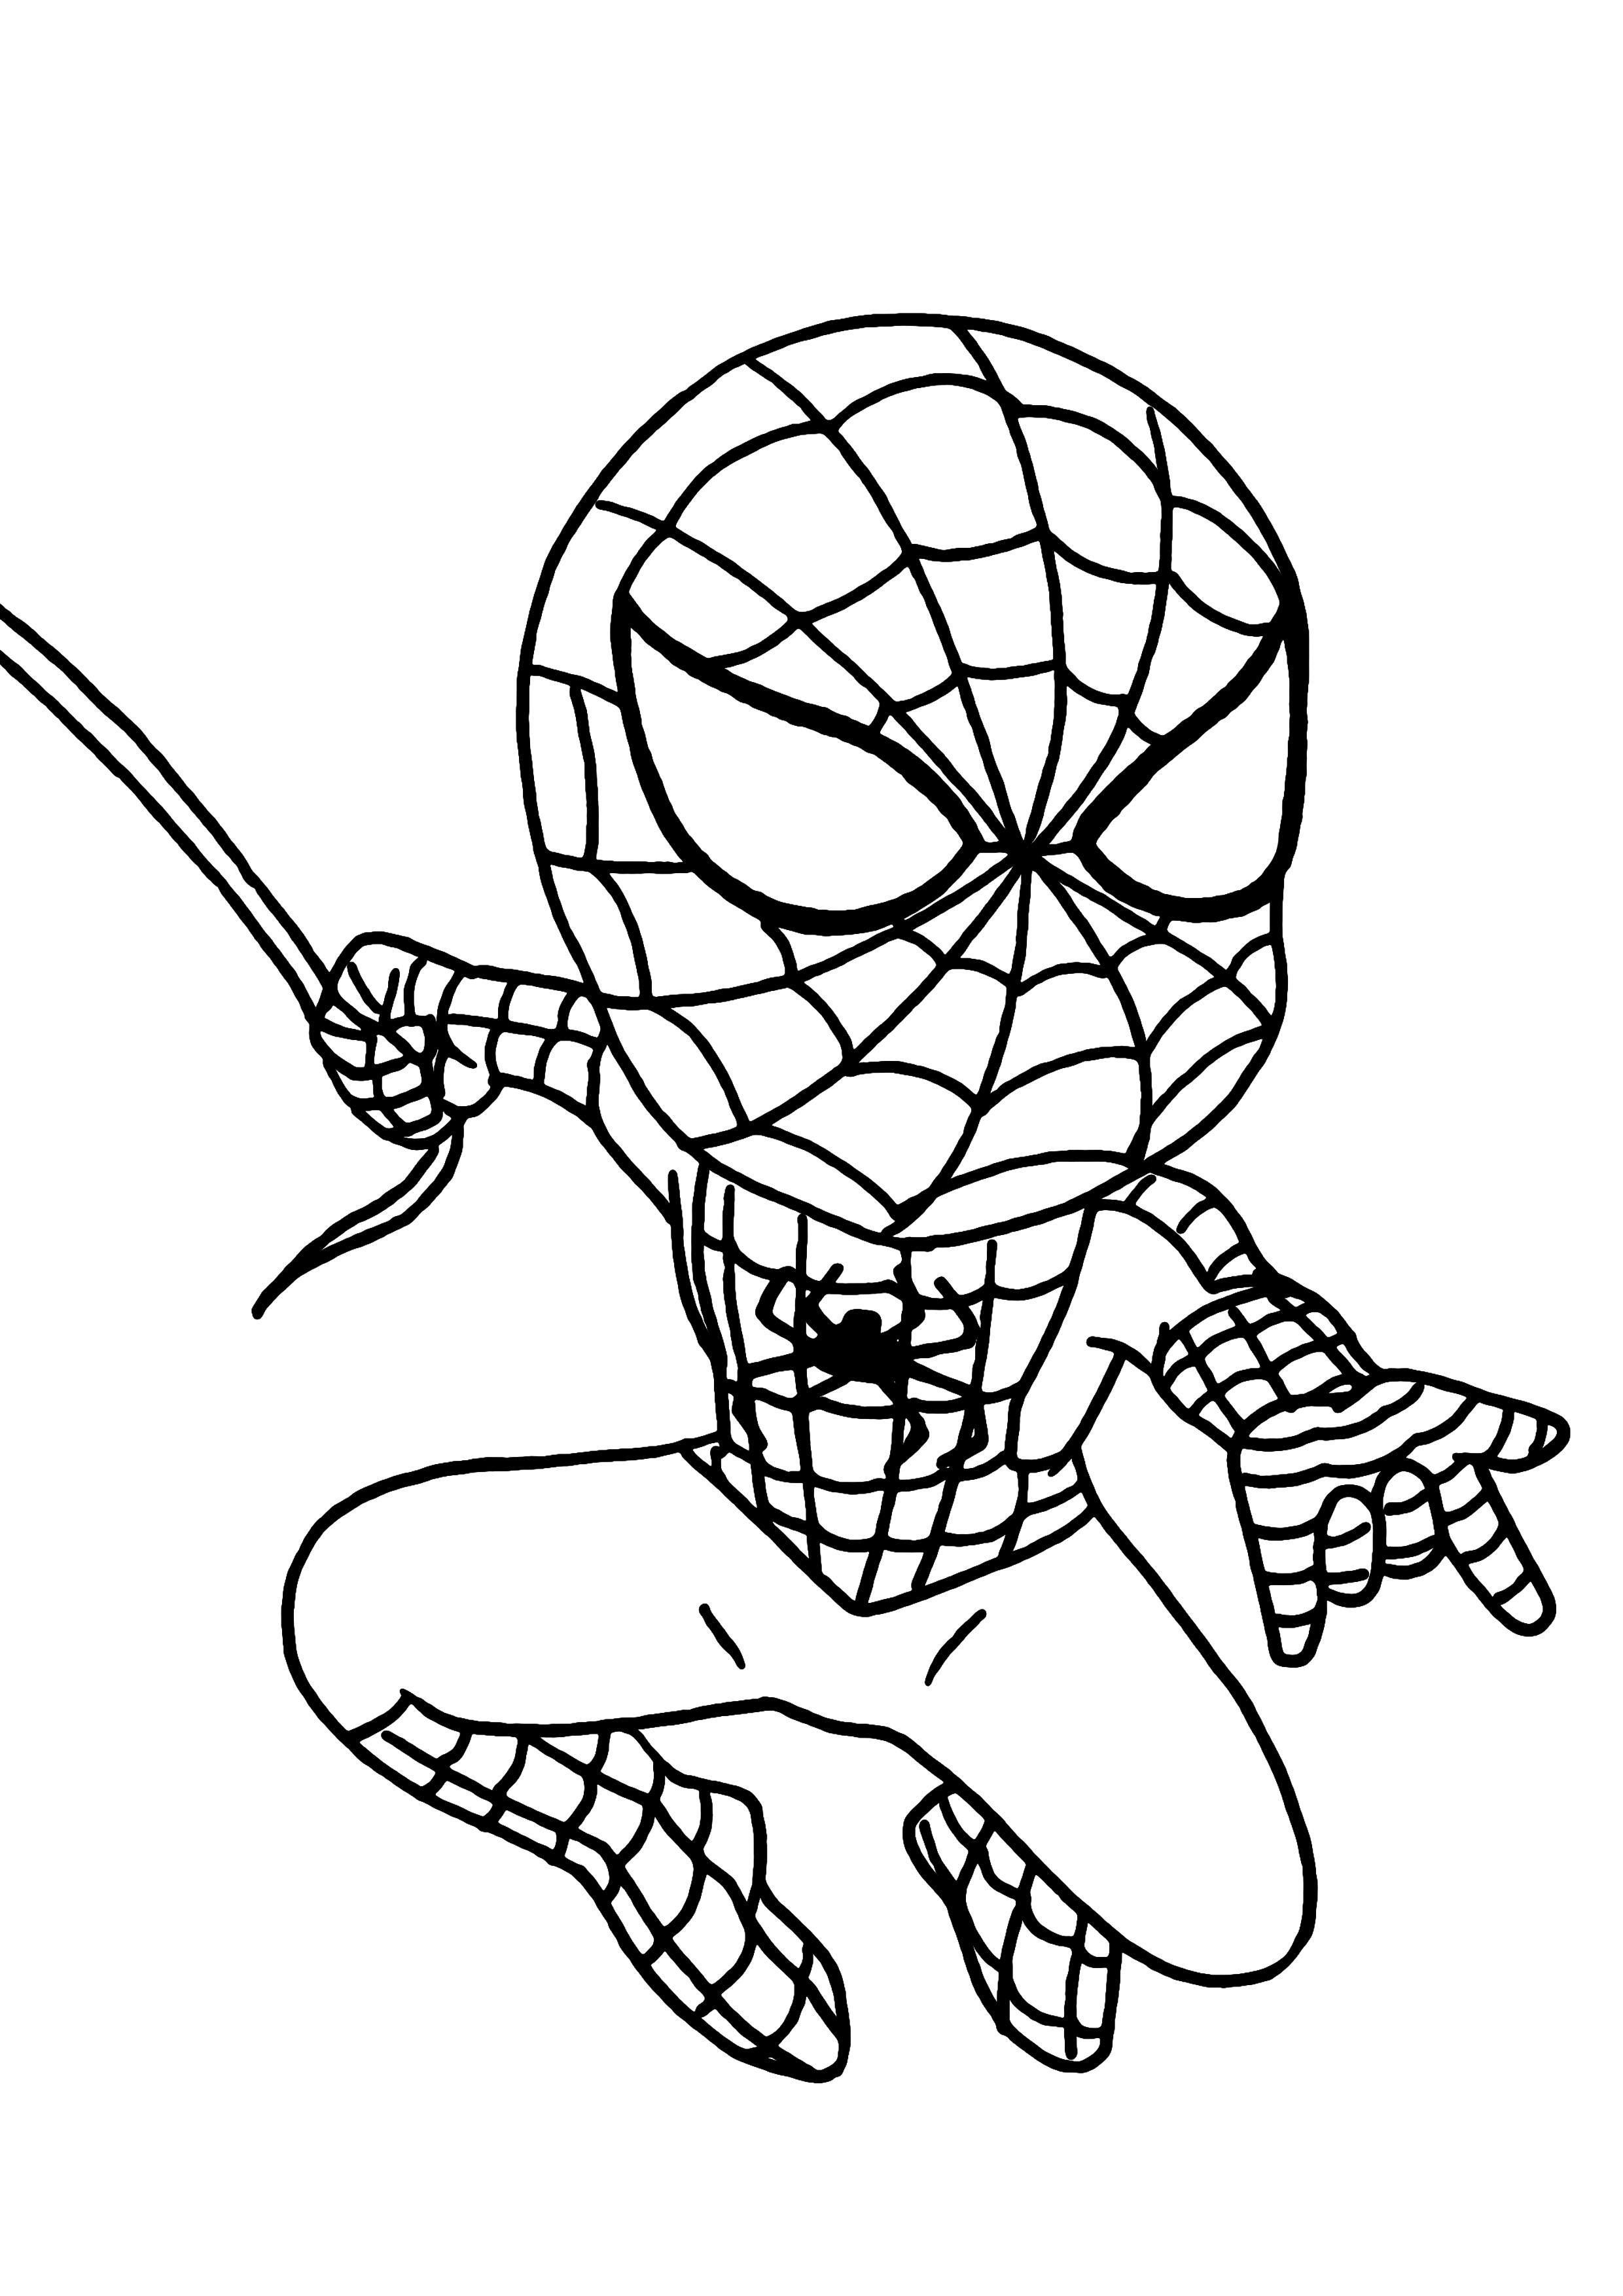 171 dibujos de Superhéroes para colorear | Oh Kids | Page 9